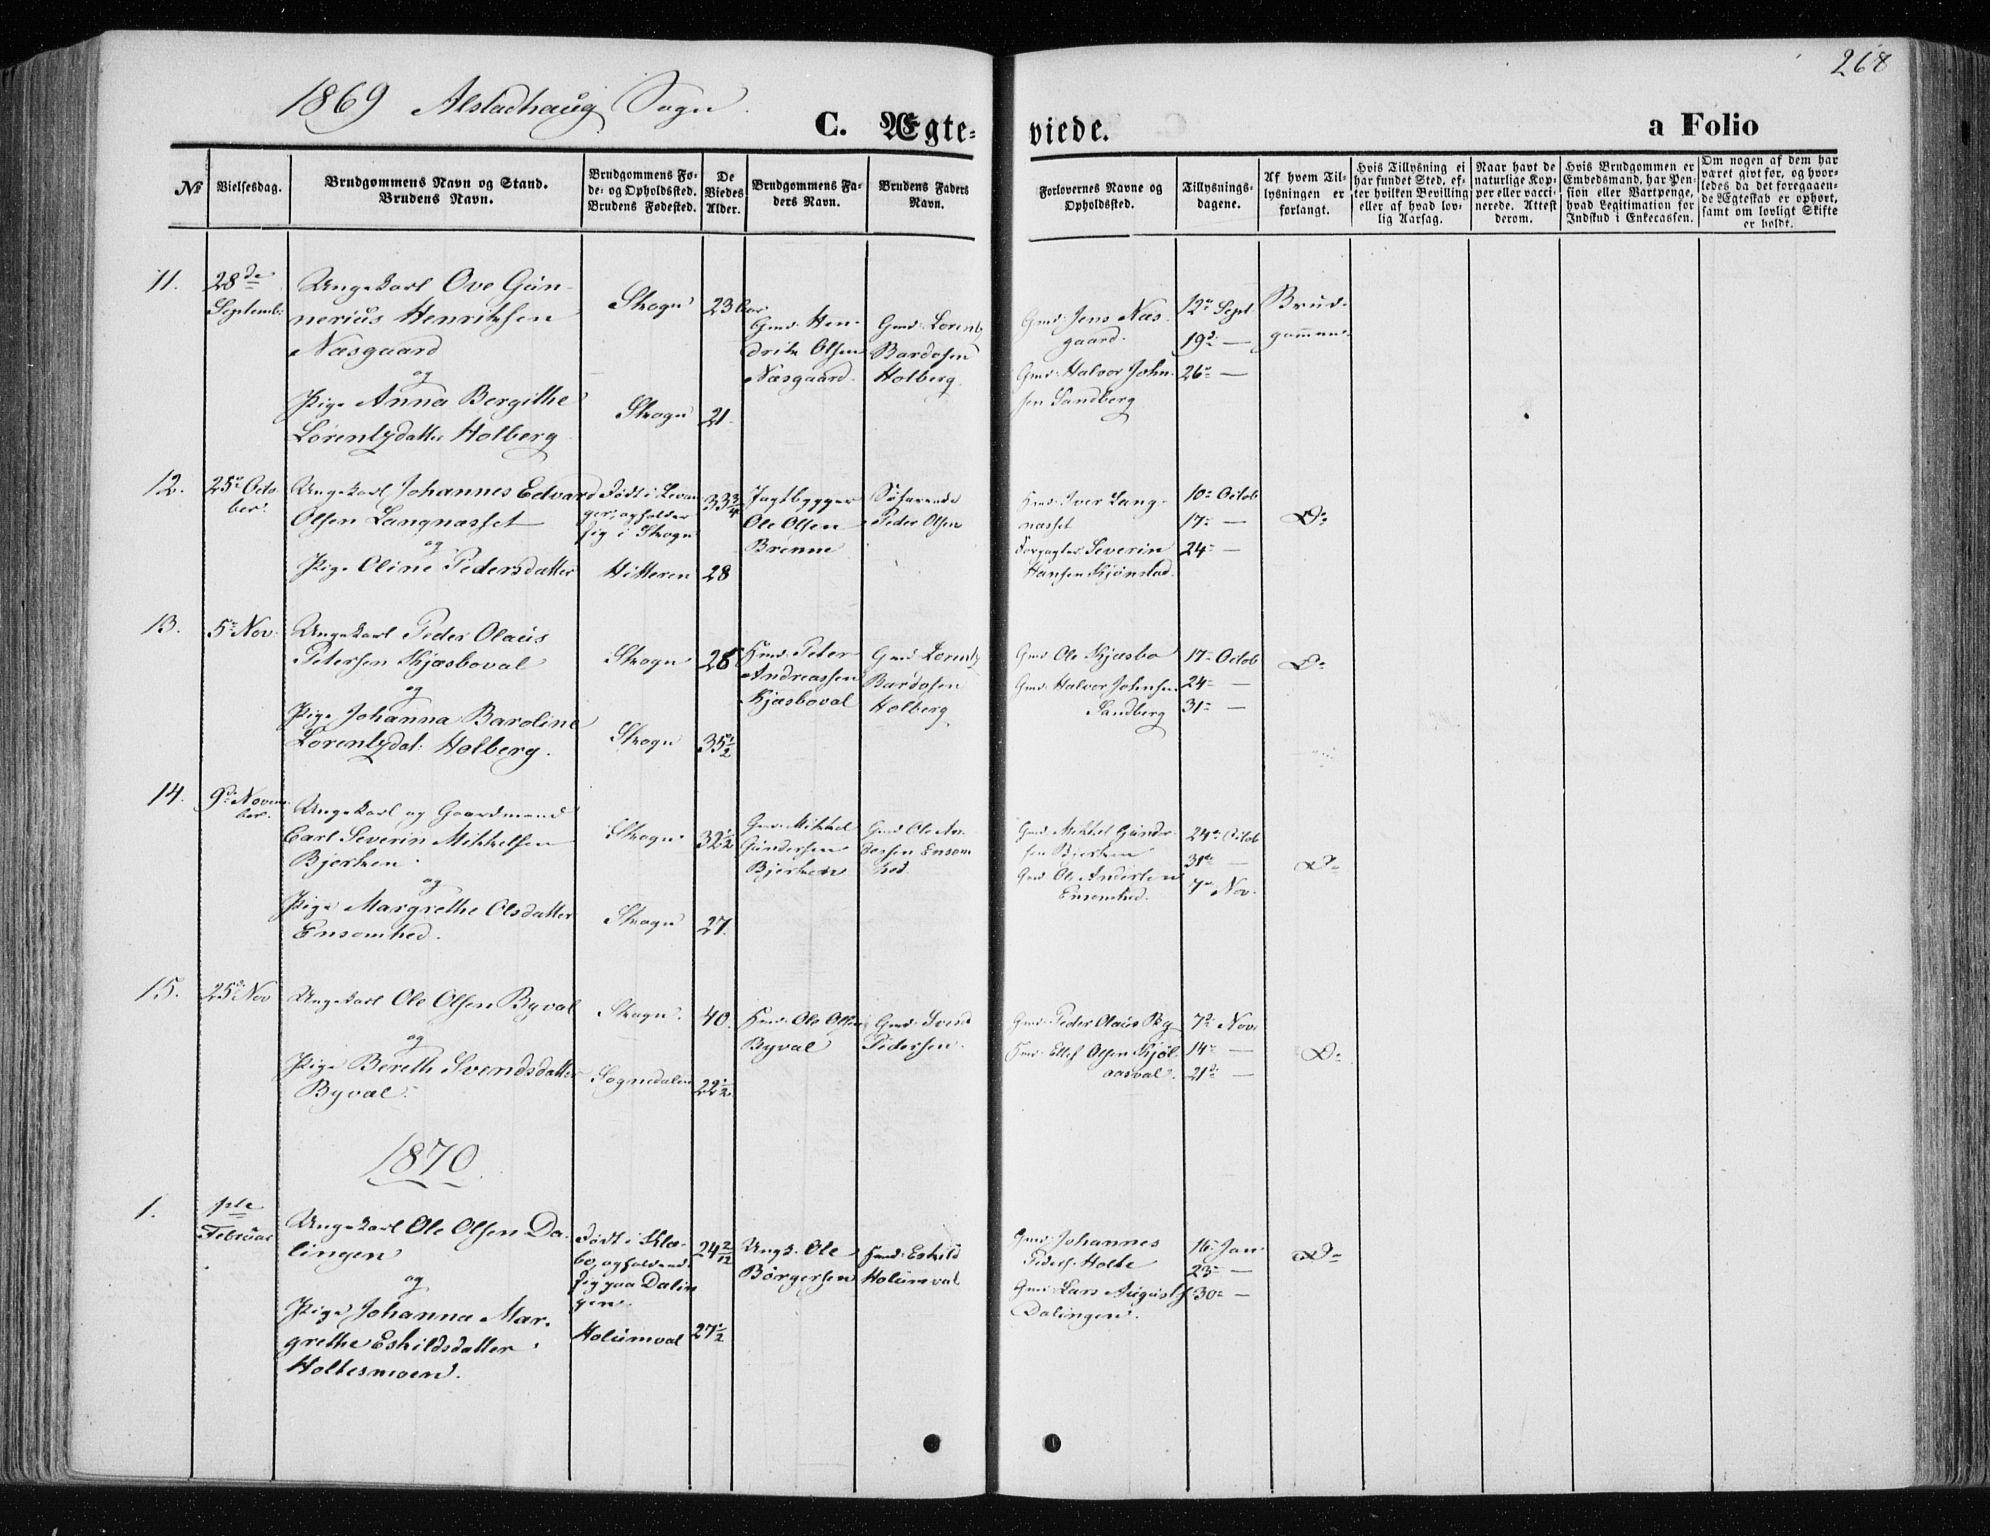 SAT, Ministerialprotokoller, klokkerbøker og fødselsregistre - Nord-Trøndelag, 717/L0157: Ministerialbok nr. 717A08 /1, 1863-1877, s. 268